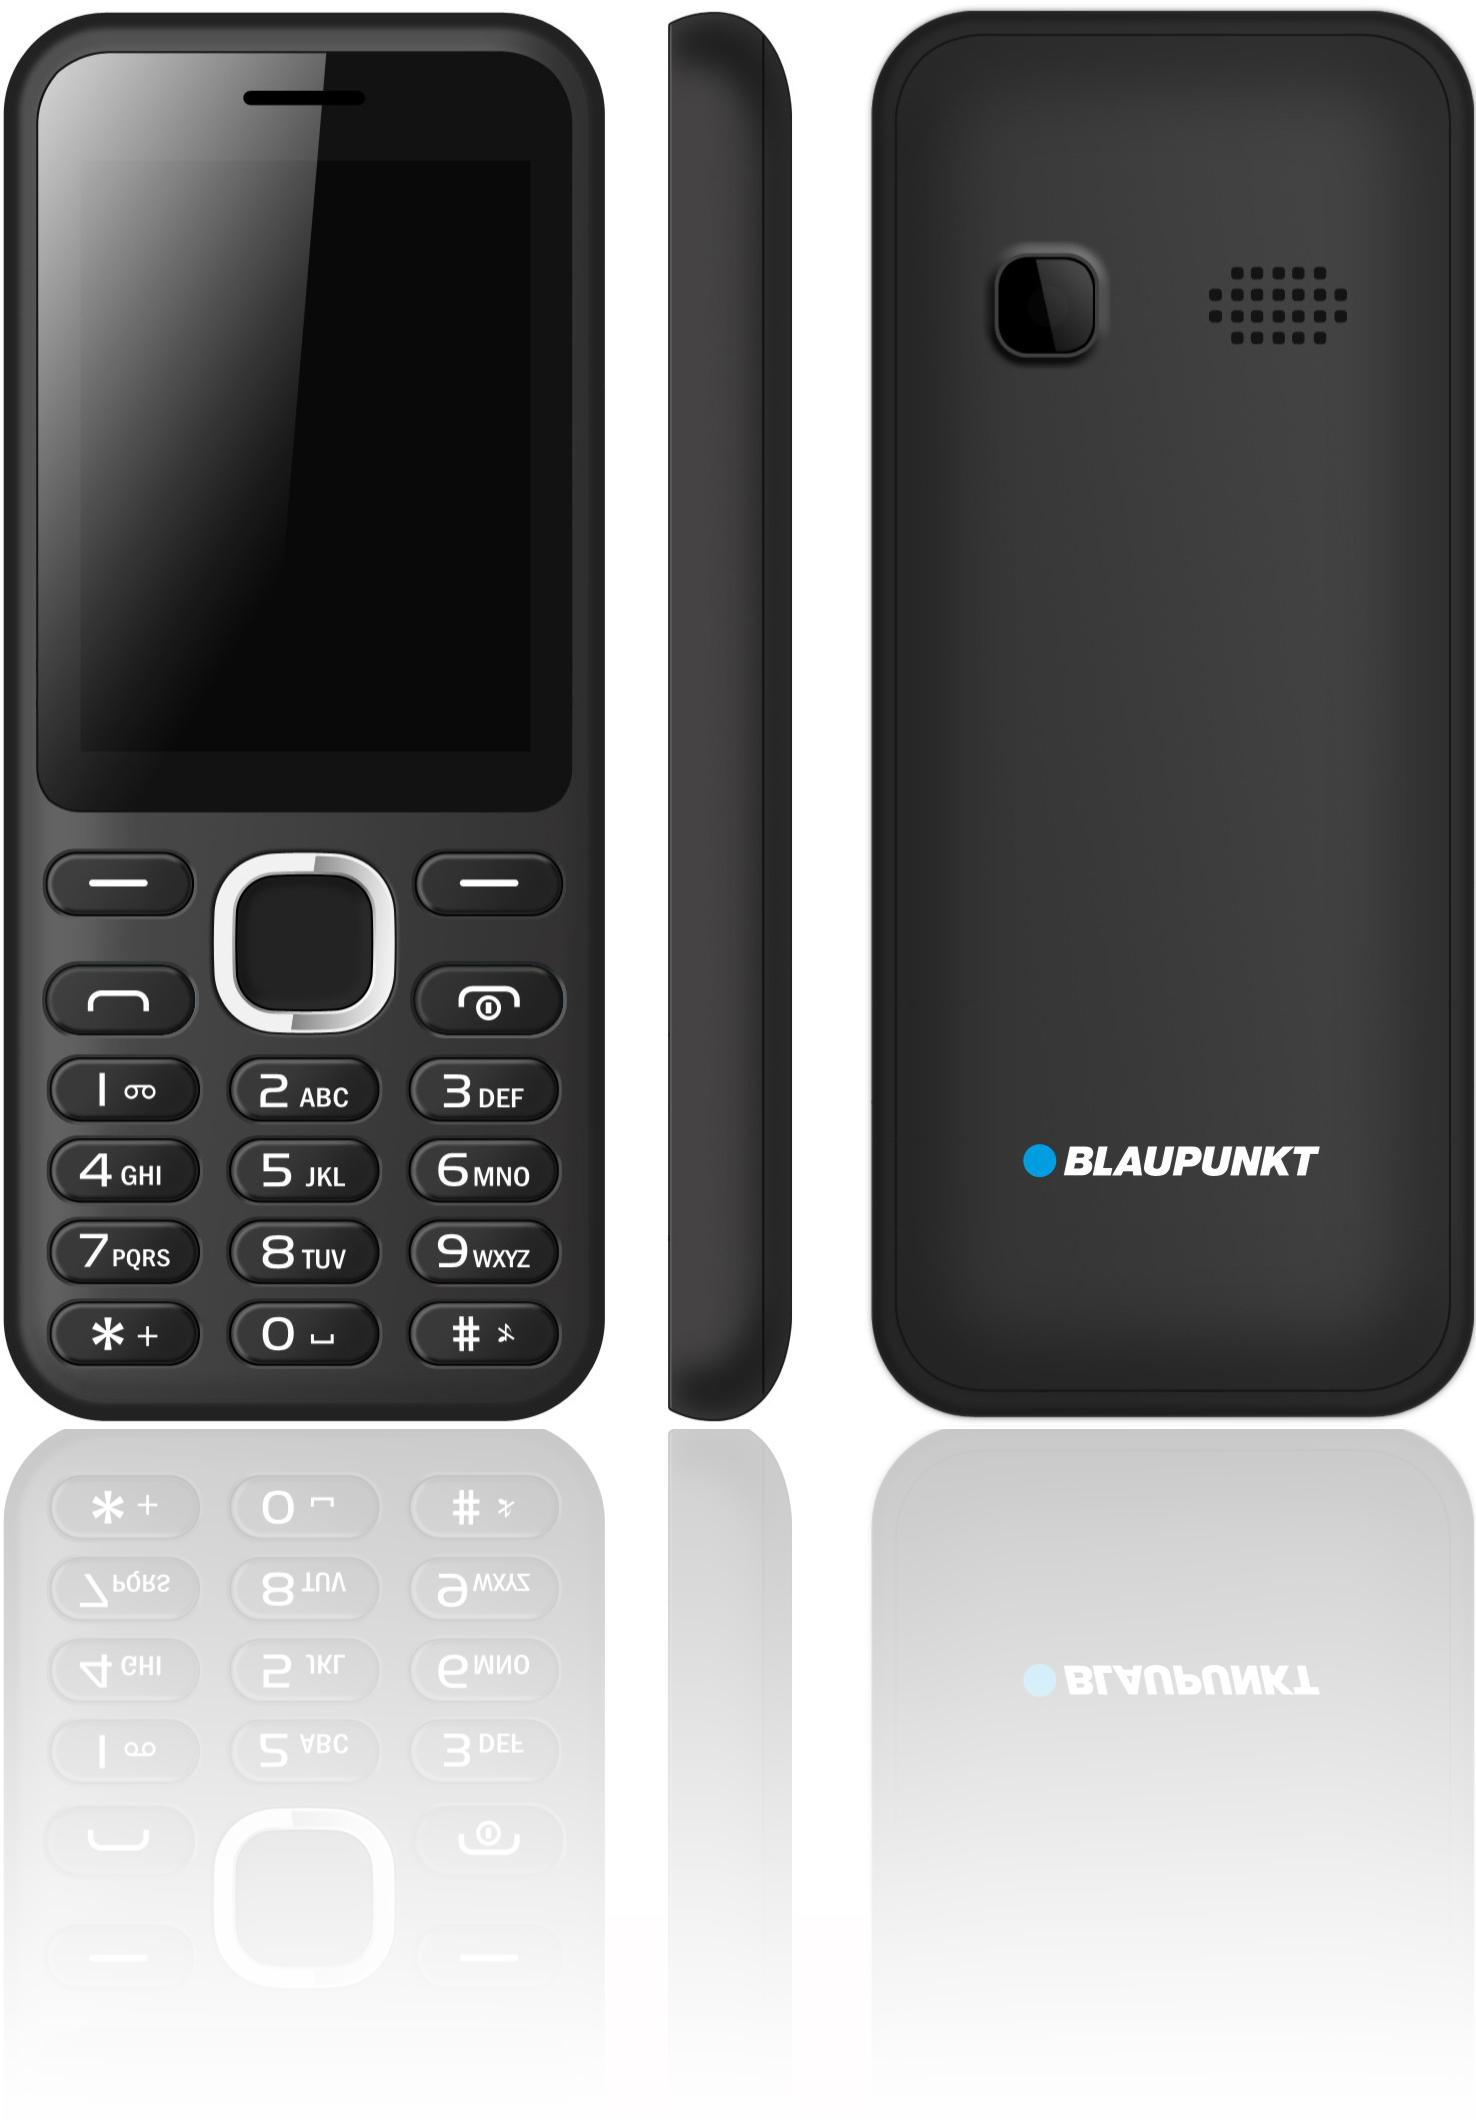 BLAUPUNKT FM02 2G FEATURE PHONE